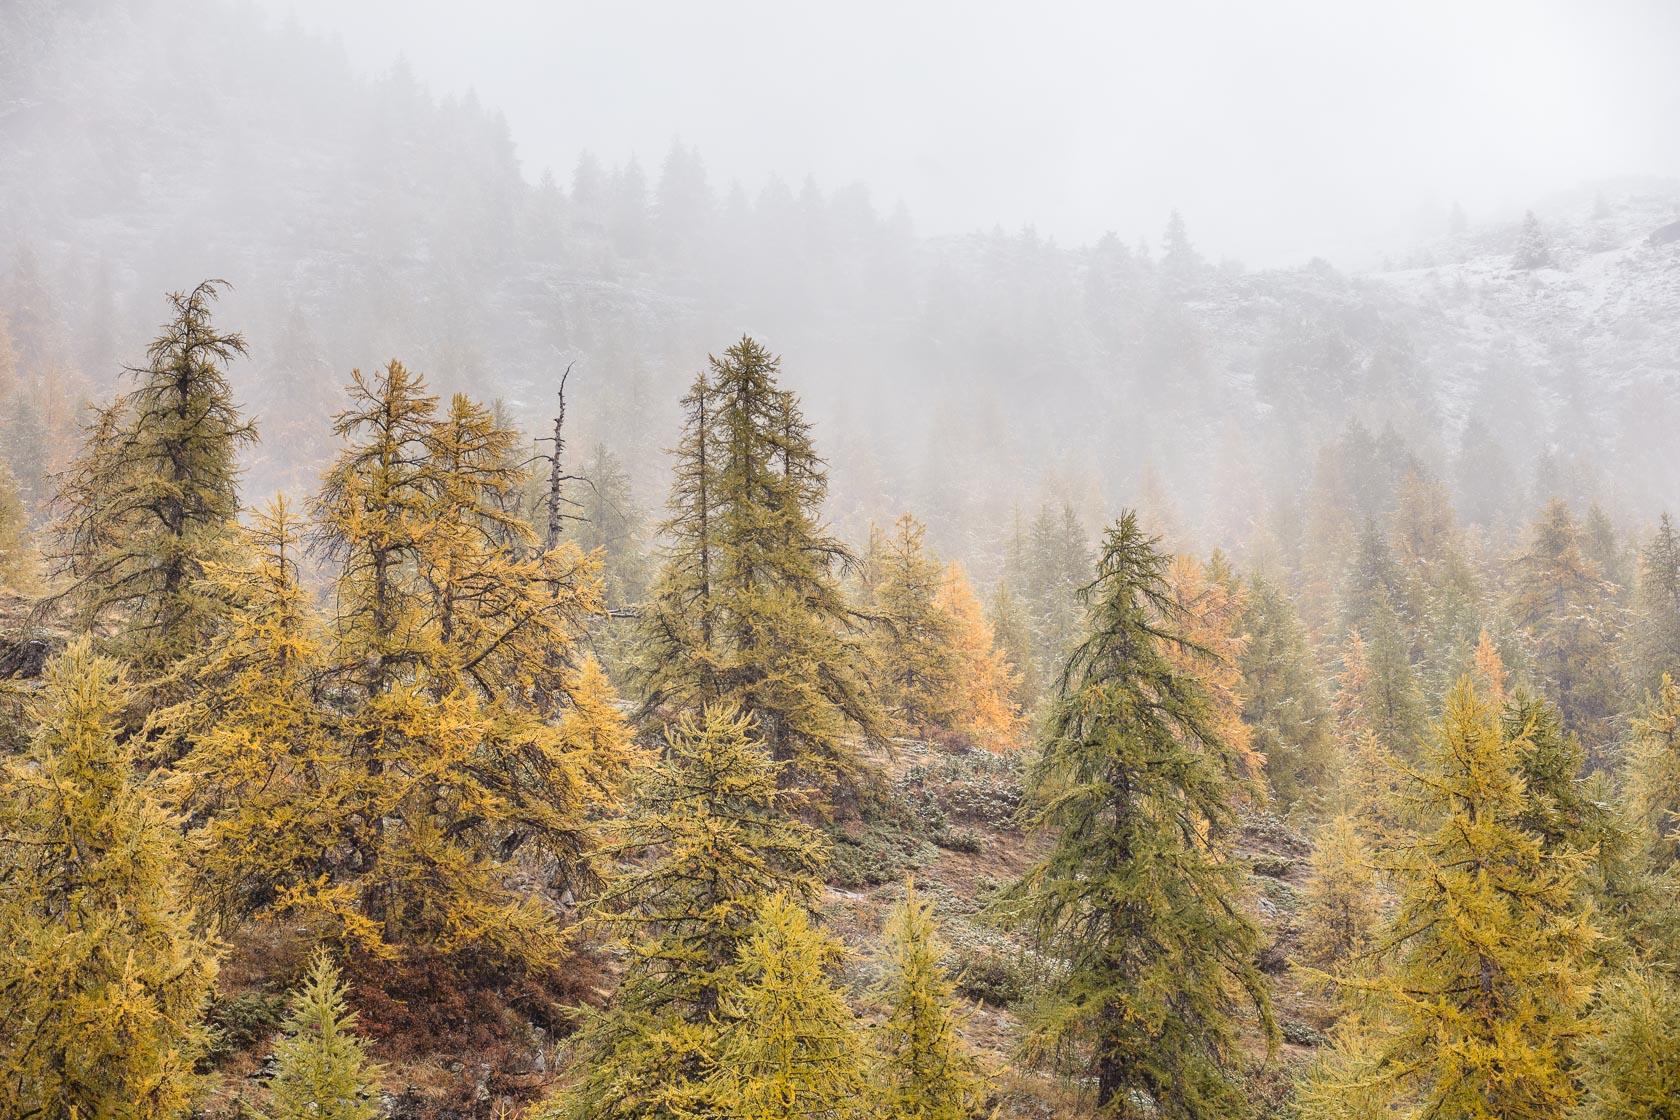 Forêt de mélèzes (Larix decidua) à Névache, dans les Hautes Alpes